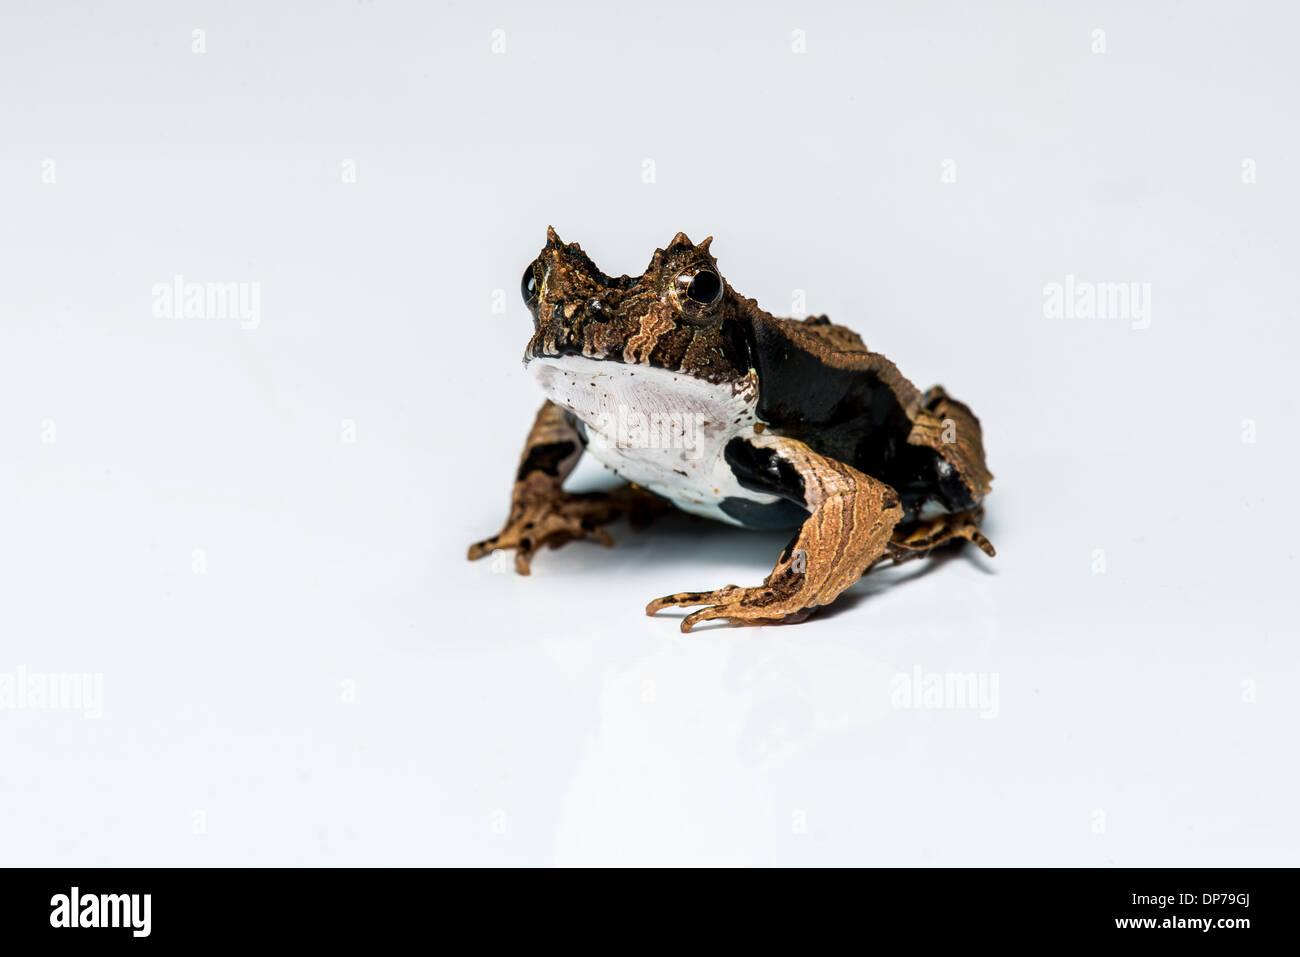 A whiteout stock photo of an Eyelash Frog (Edalorhina perezi) from the Ecuadorian Amazon - Stock Image